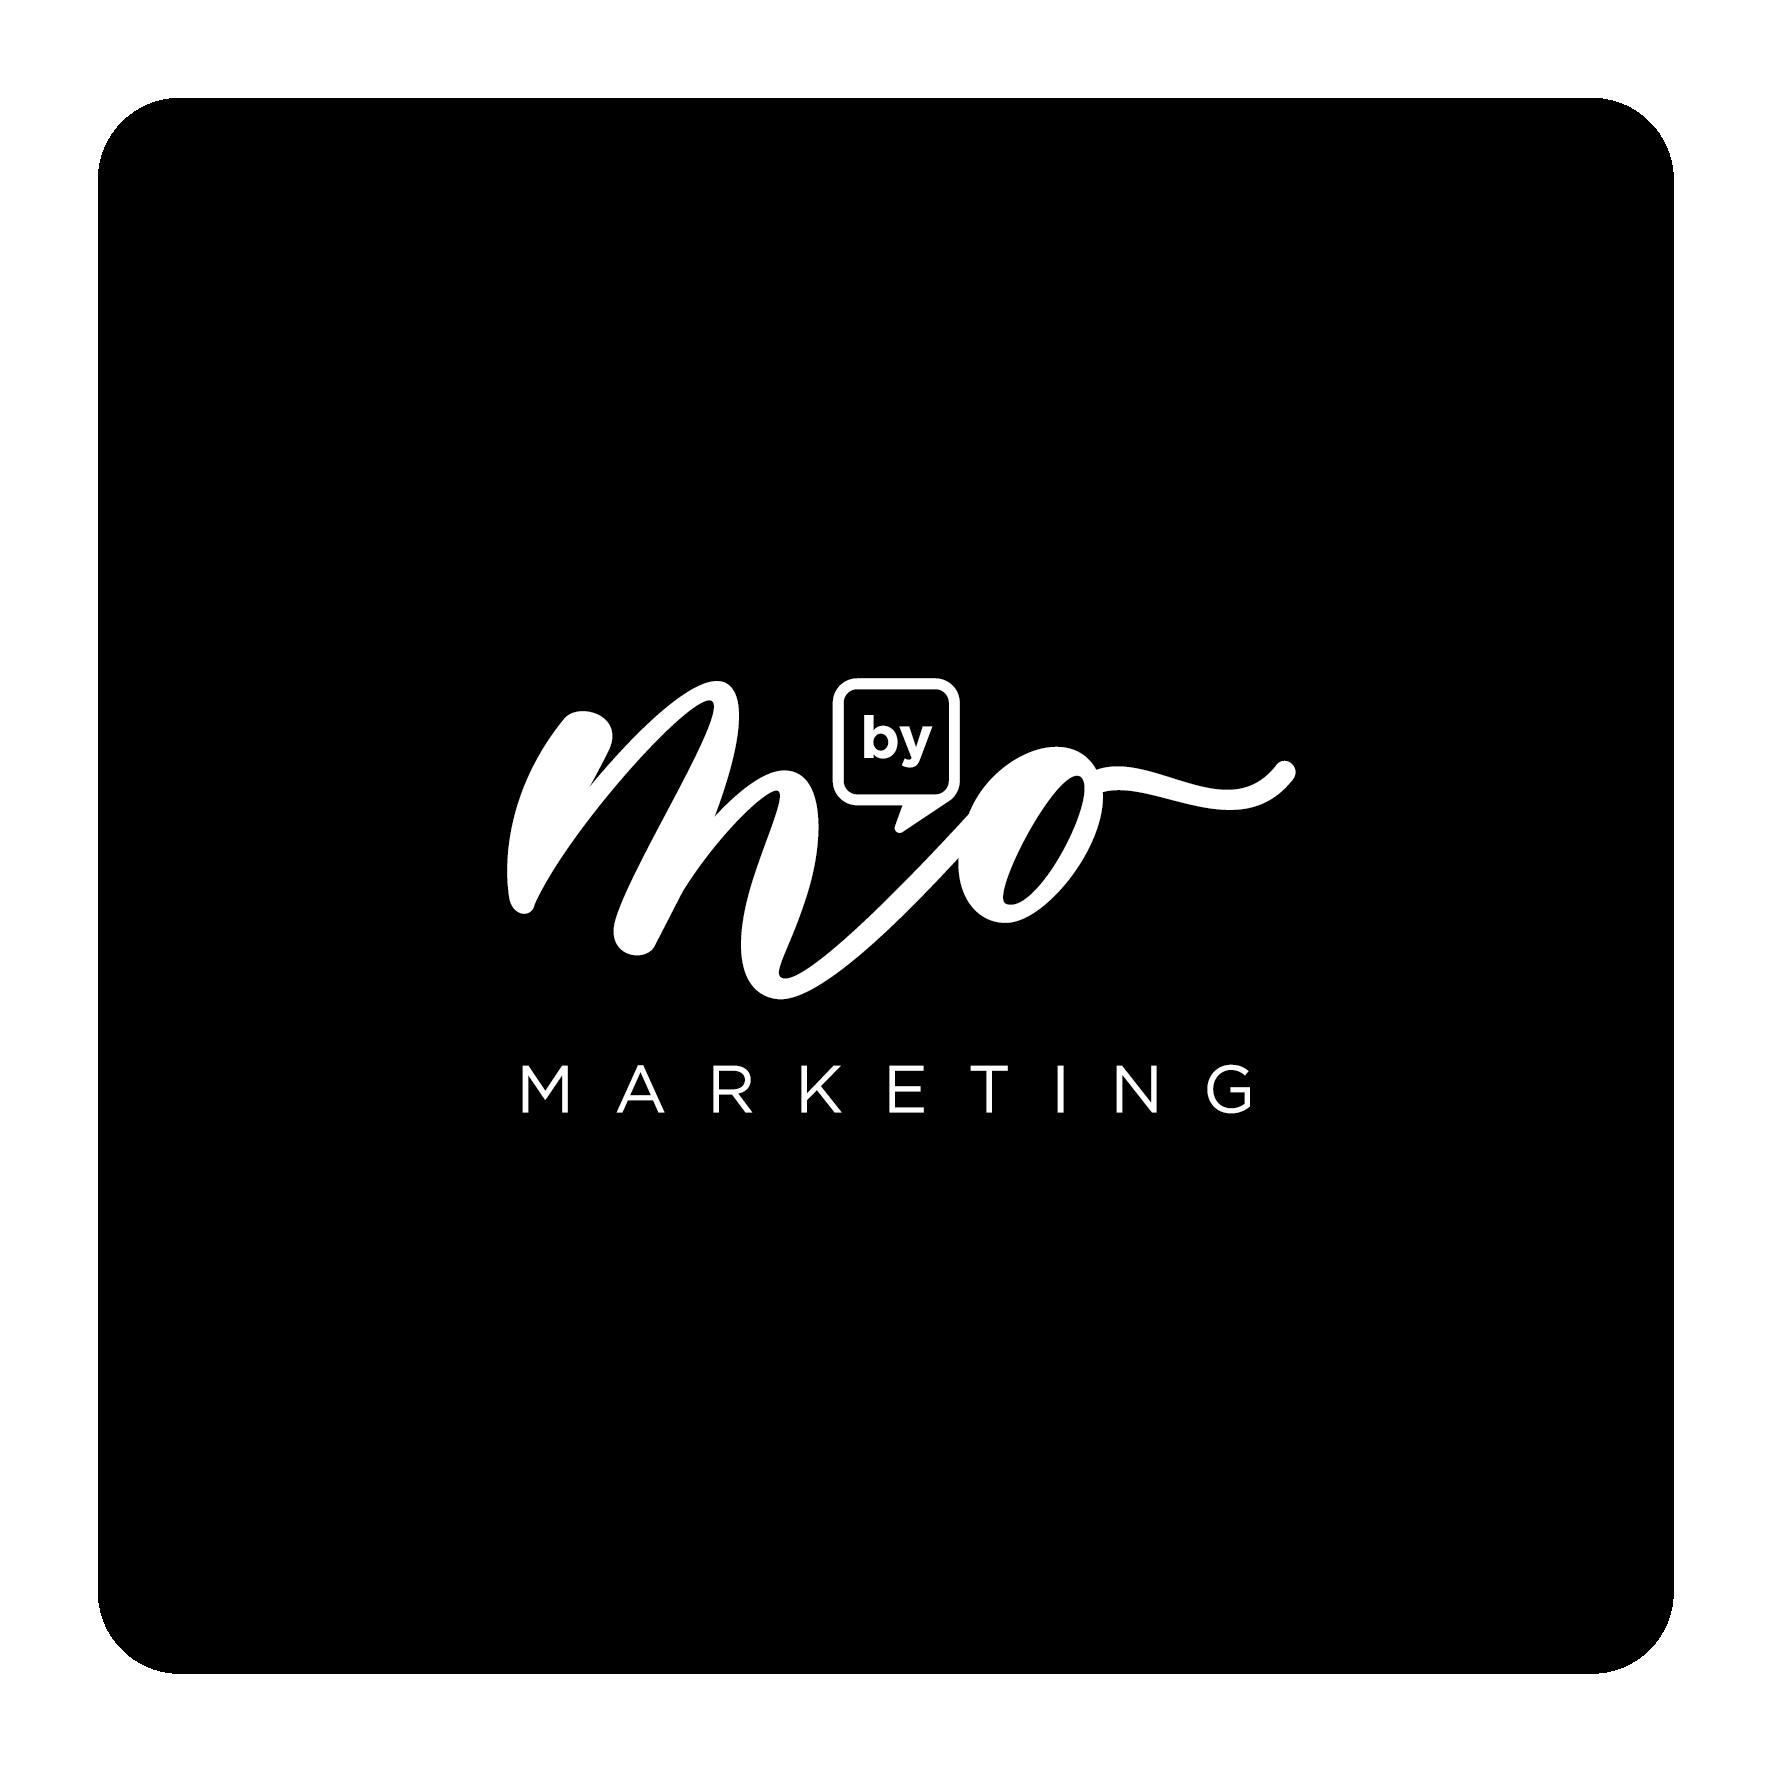 MbyO marketing, Mette Bergstedt Olesen, sociale medier, instagram, facebook, linkedin, din højre hånd,